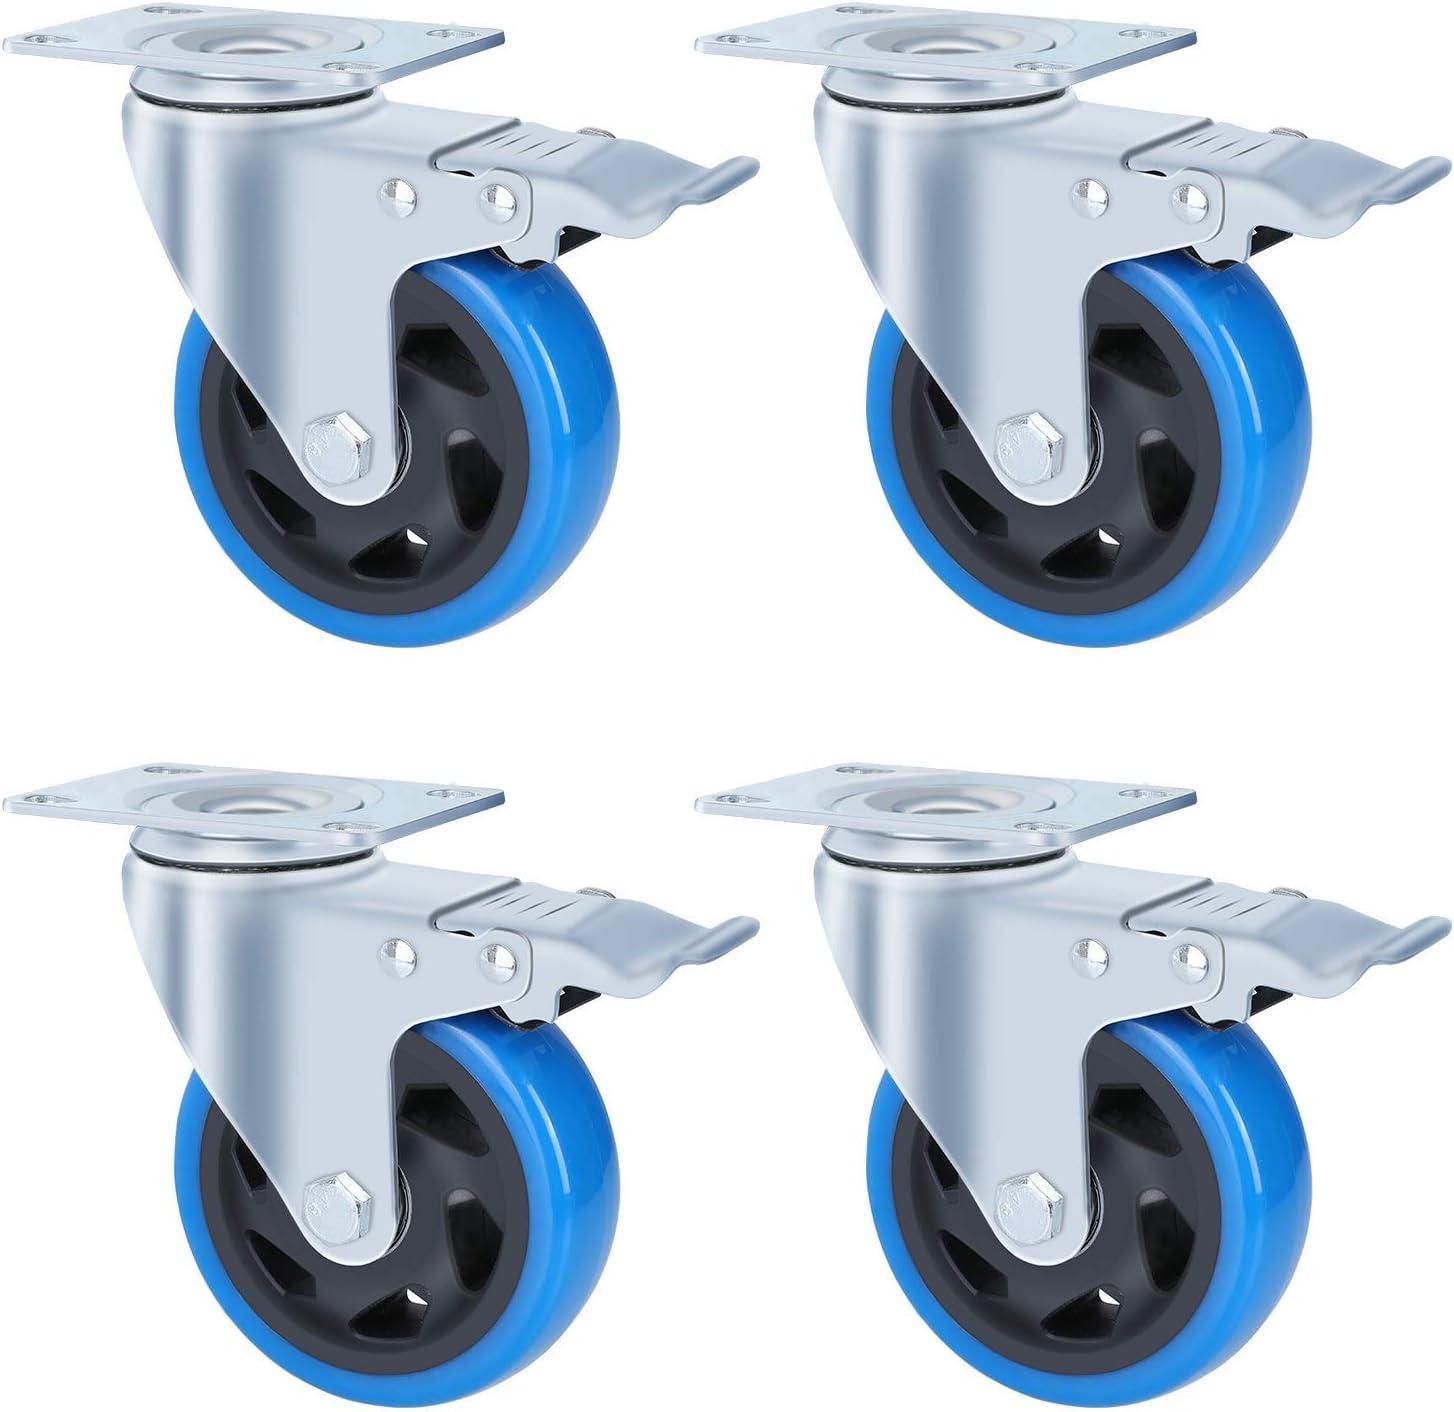 FIXKIT Ruedas de transporte de 4 piezas Ruedas giratorias de 100 mm con poliuretano de 4 frenos, capacidad de carga 450 kg